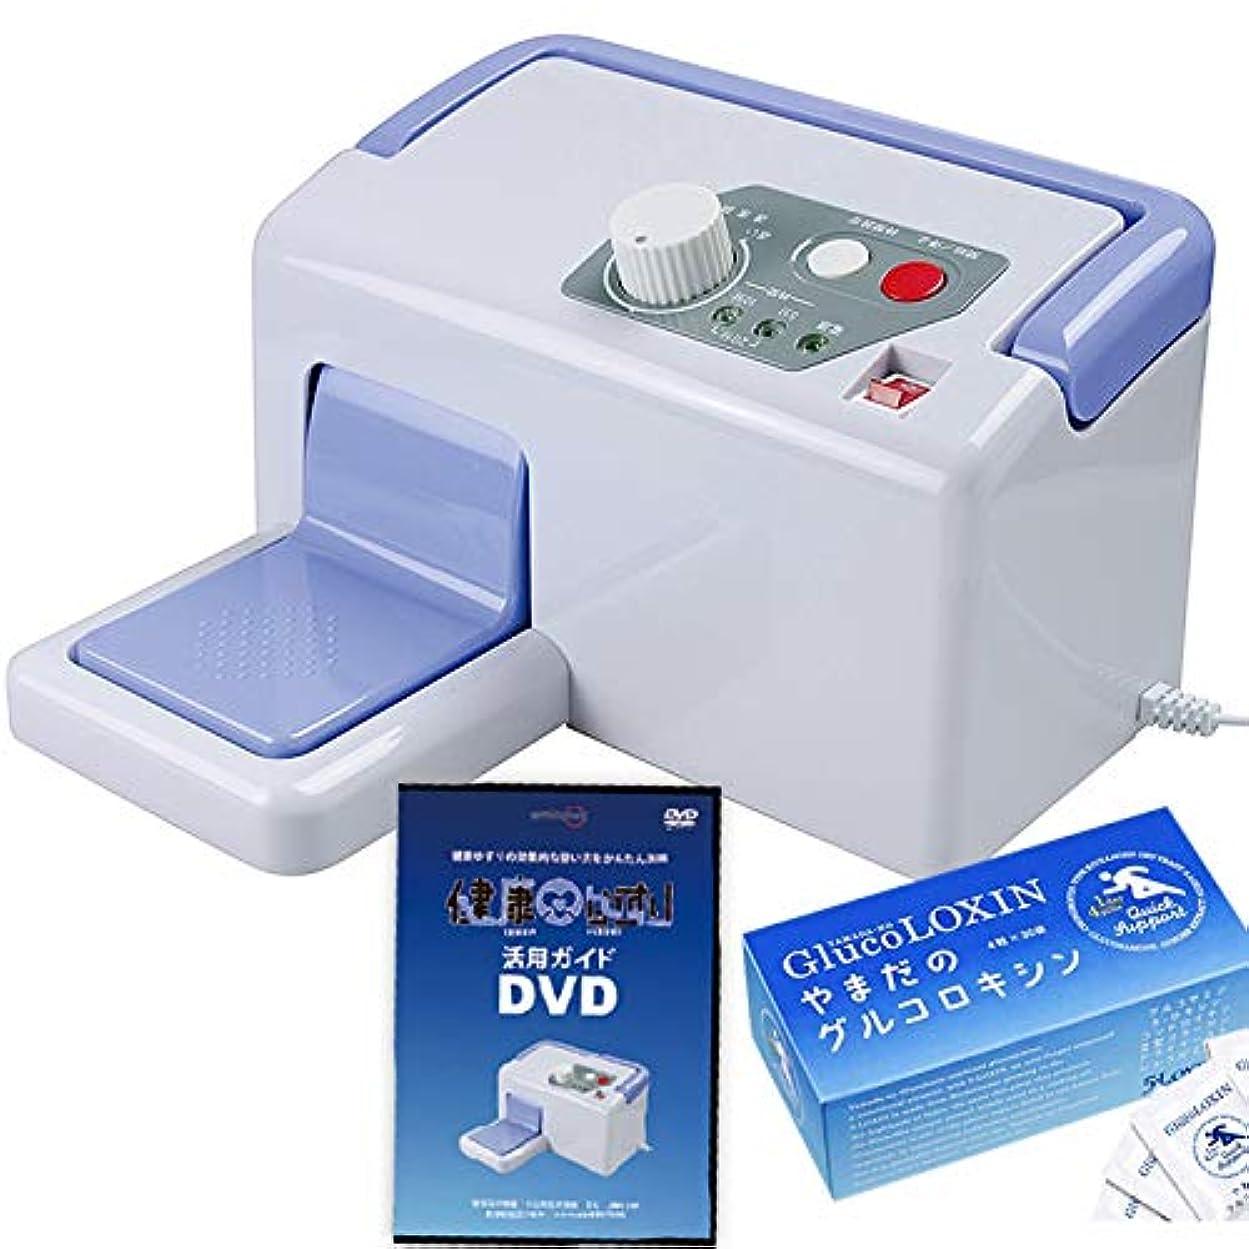 教育者保証金再現する健康ゆすり JMH-100「活用ガイド」DVD特典付き グルコロキシン30包特典付き 1年間保証書 使用ガイド 5点セット